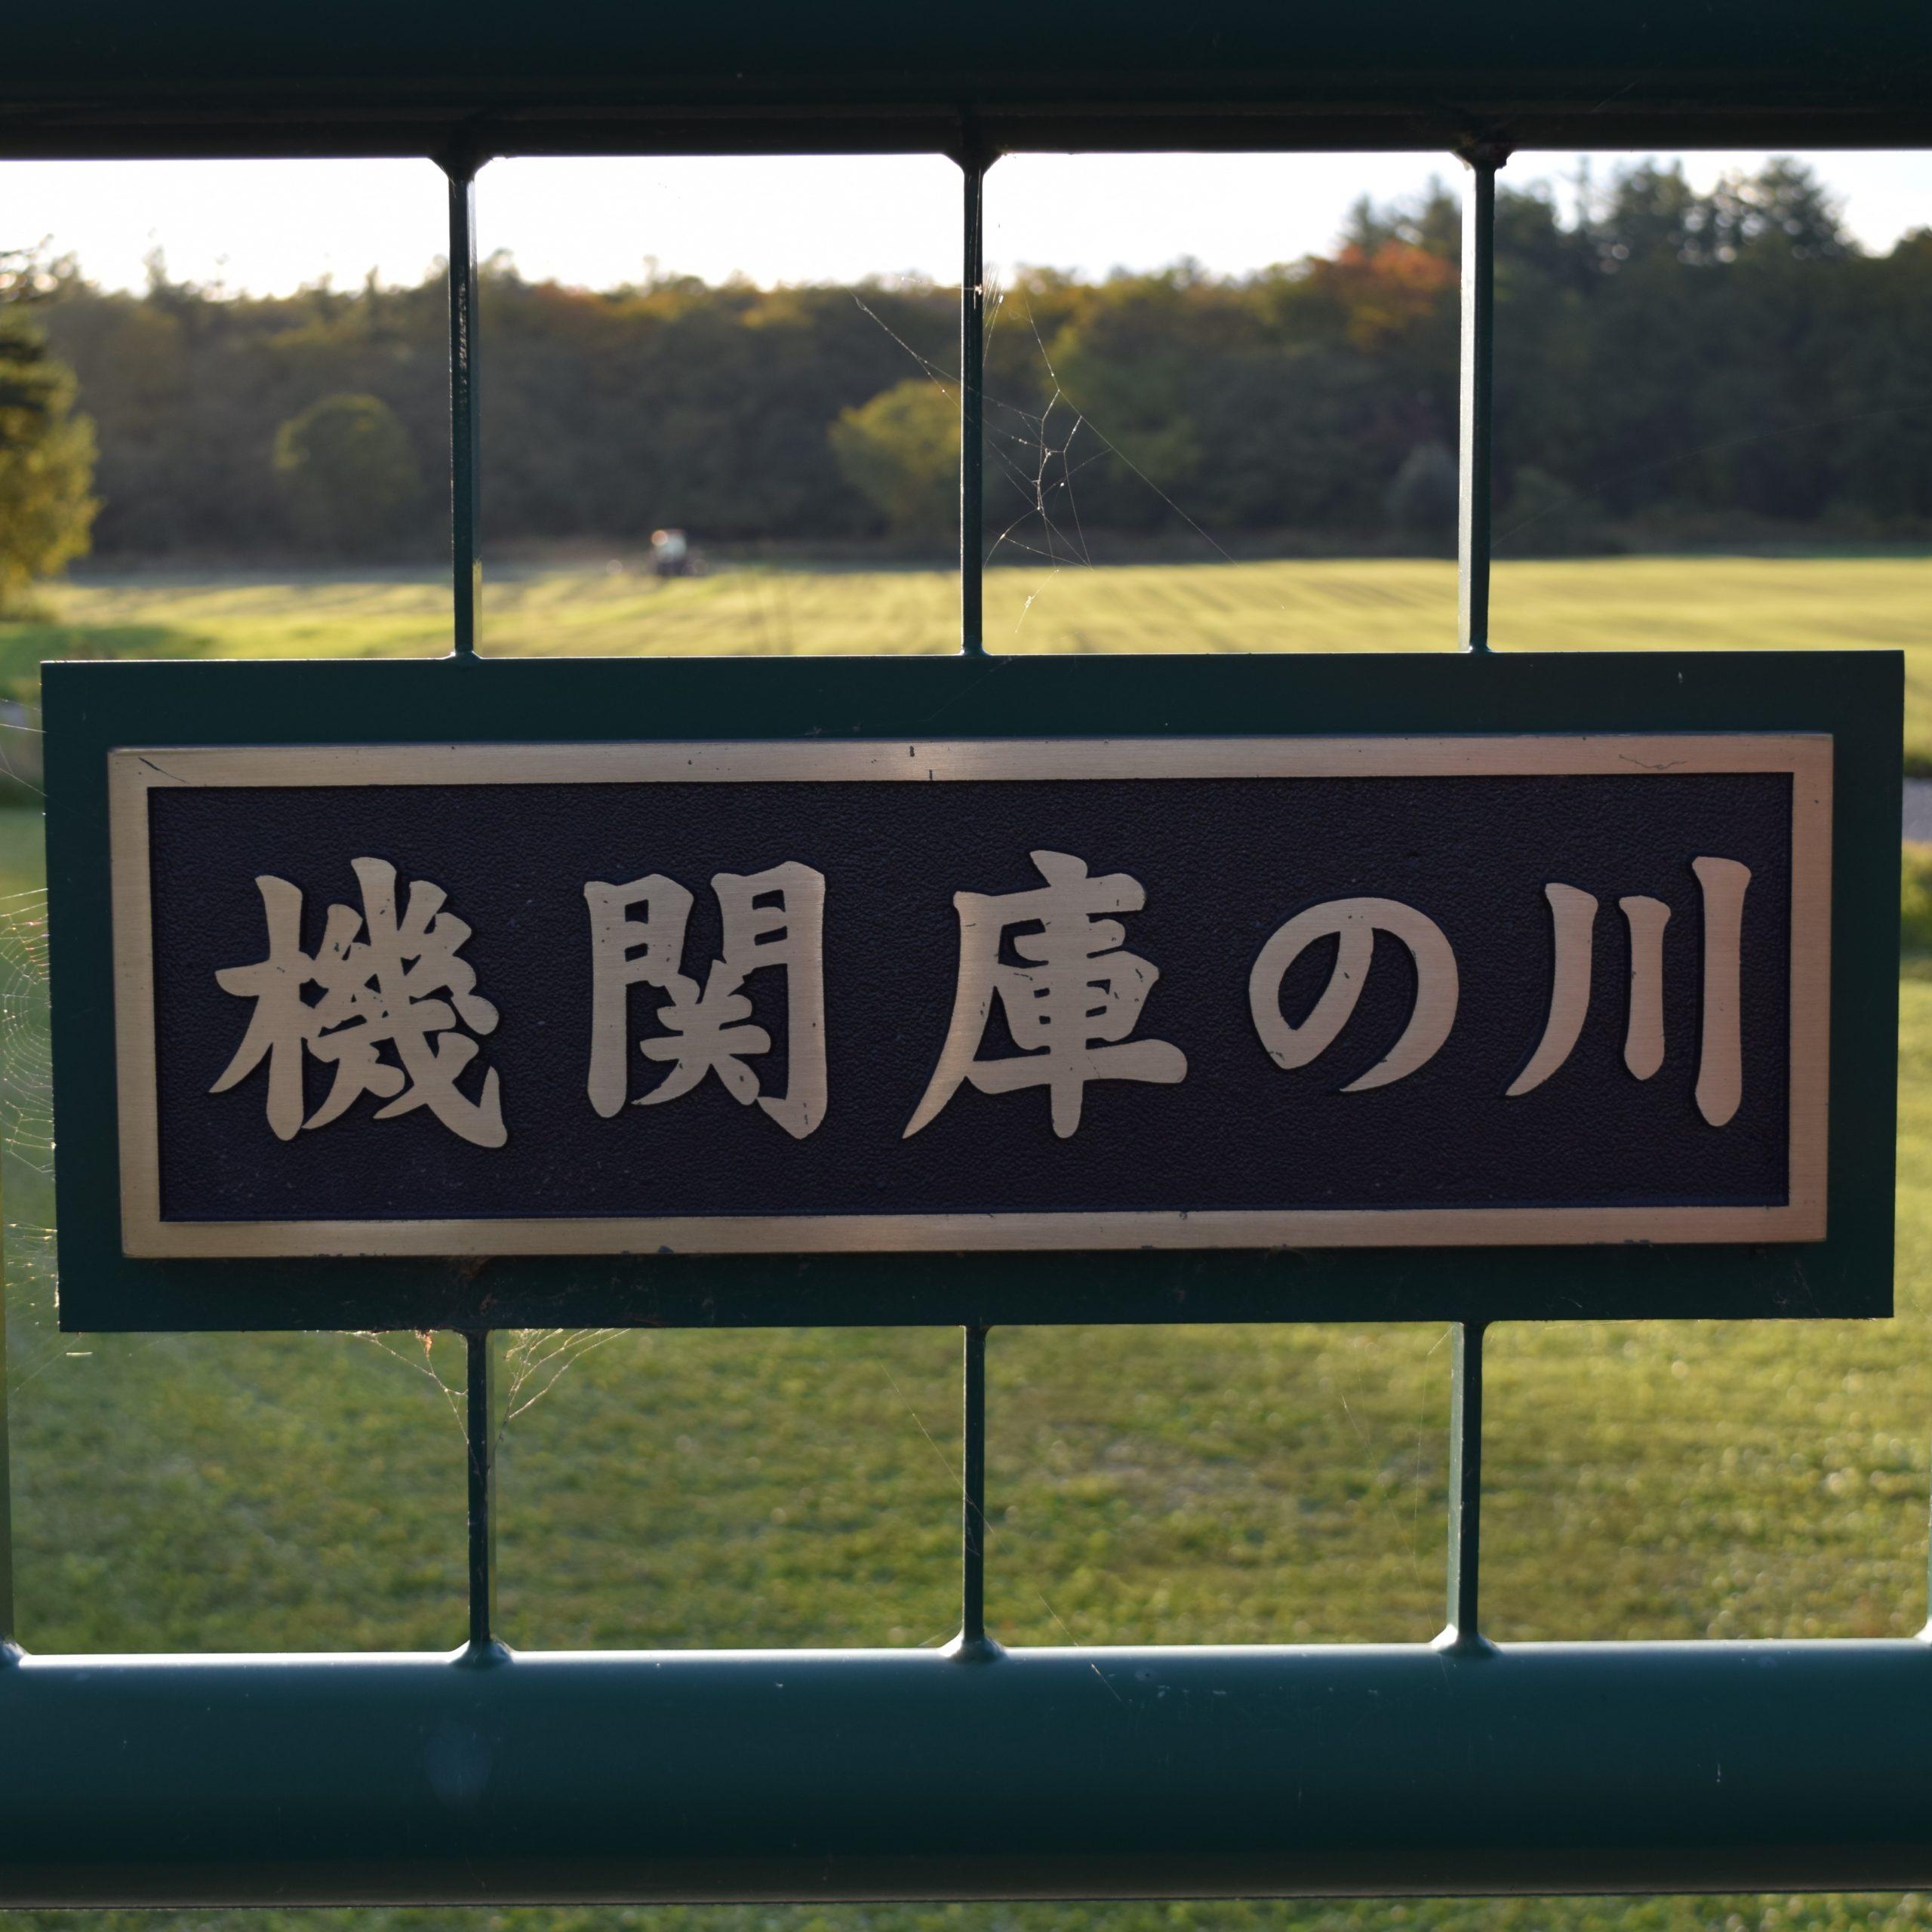 機関庫の川(十勝川水系)の河川ライブカメラ一覧